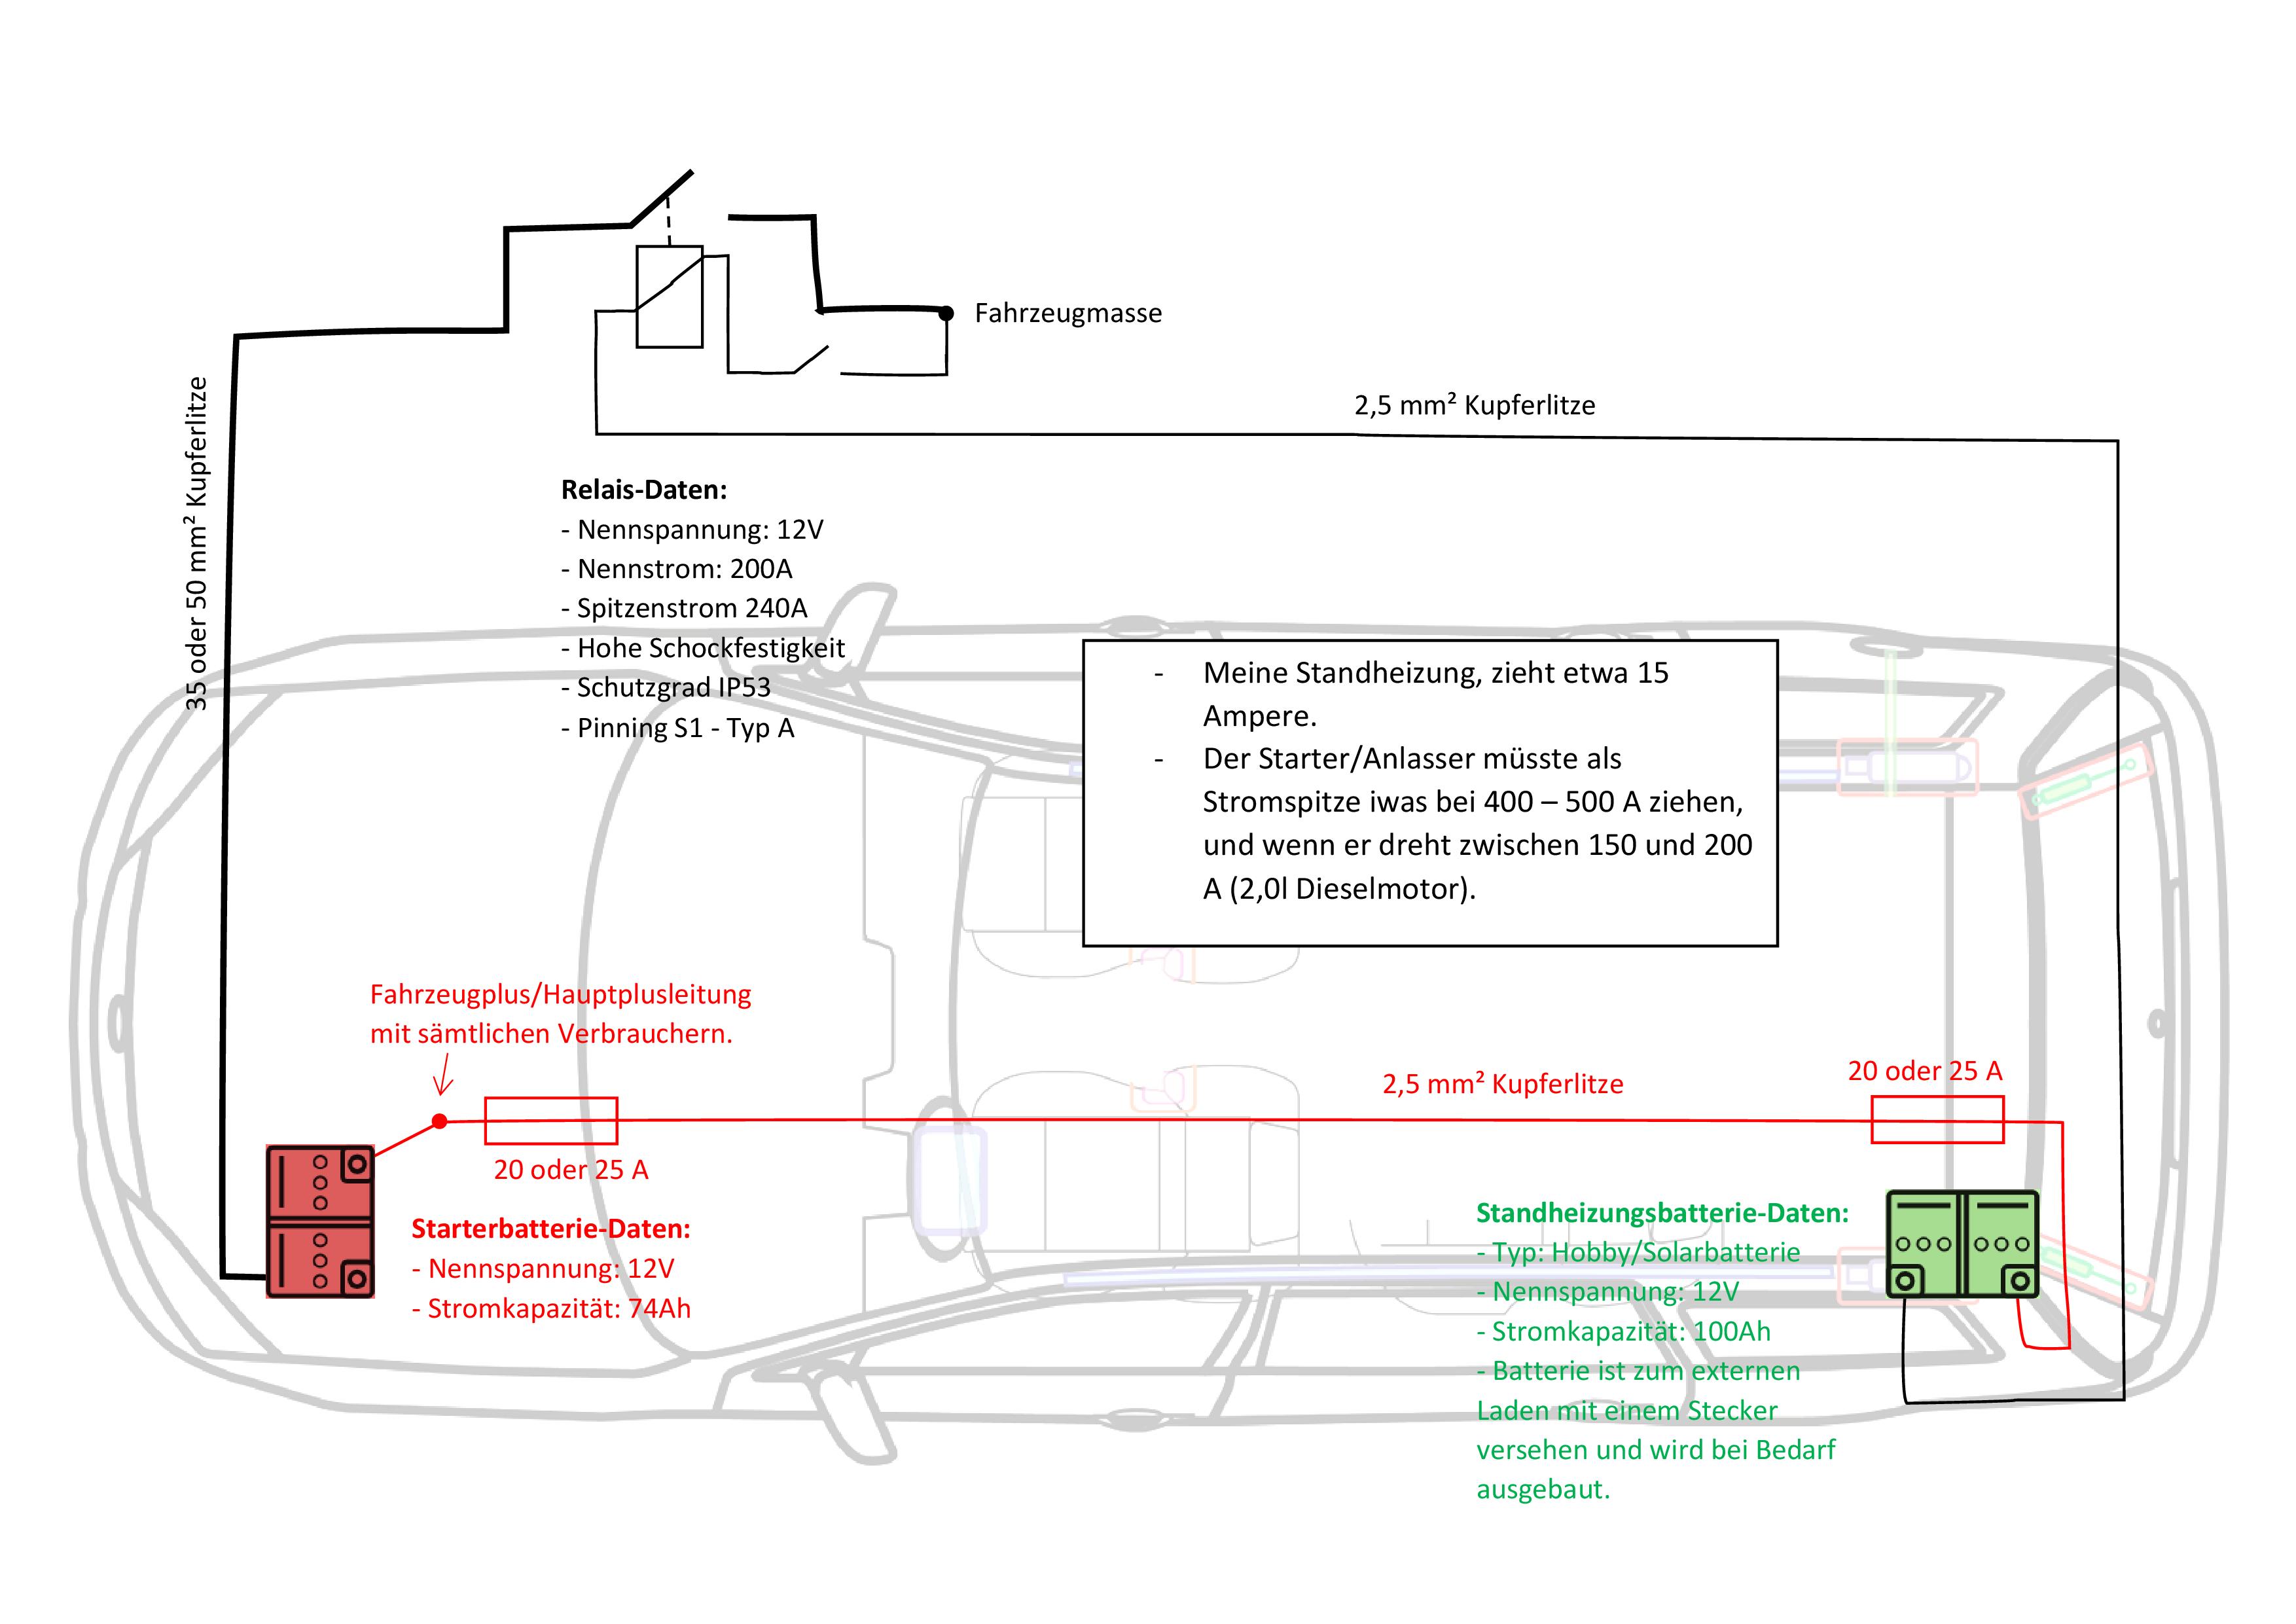 Großartig Doppel Auto Ampere Schaltplan Fotos - Schaltplan Serie ...